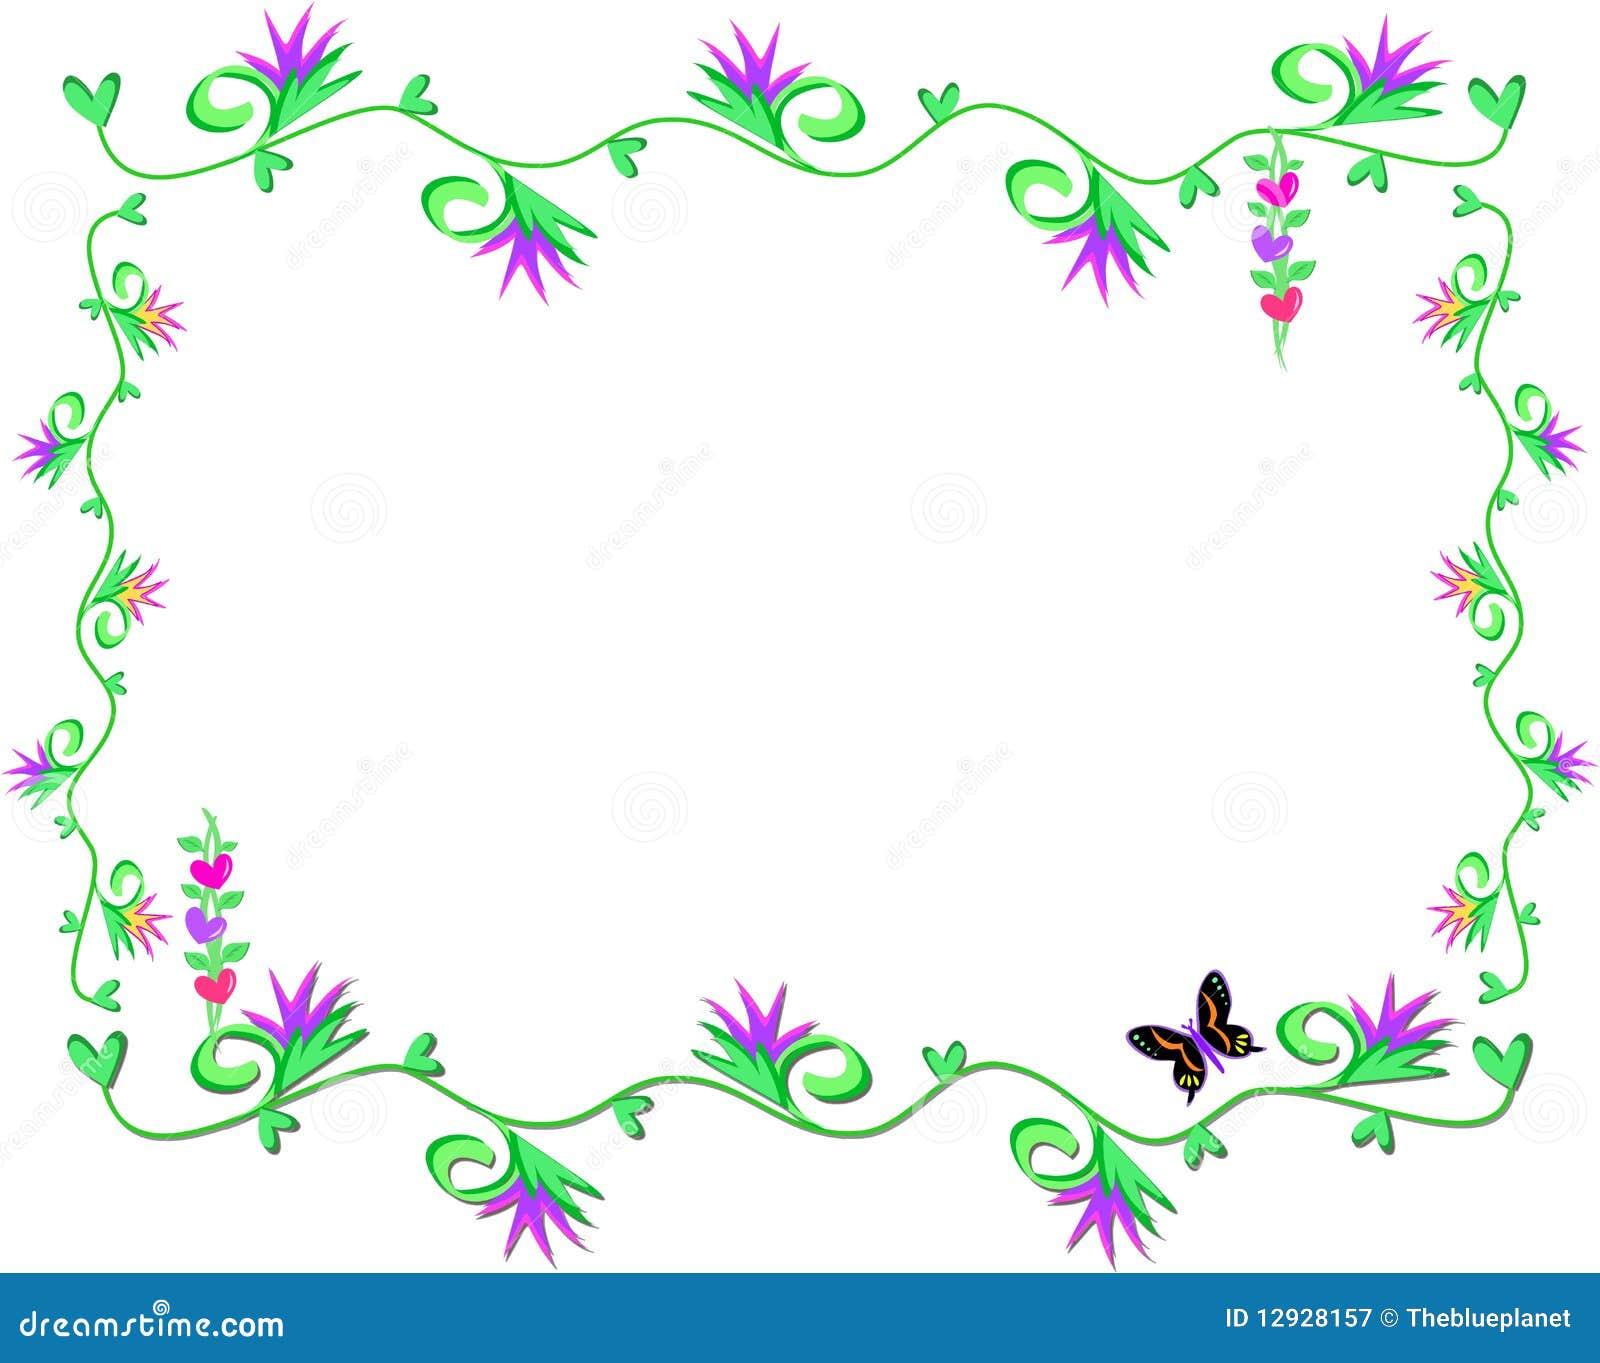 Marco de vides de hojas del coraz n y de flores - Marcos para plantas ...